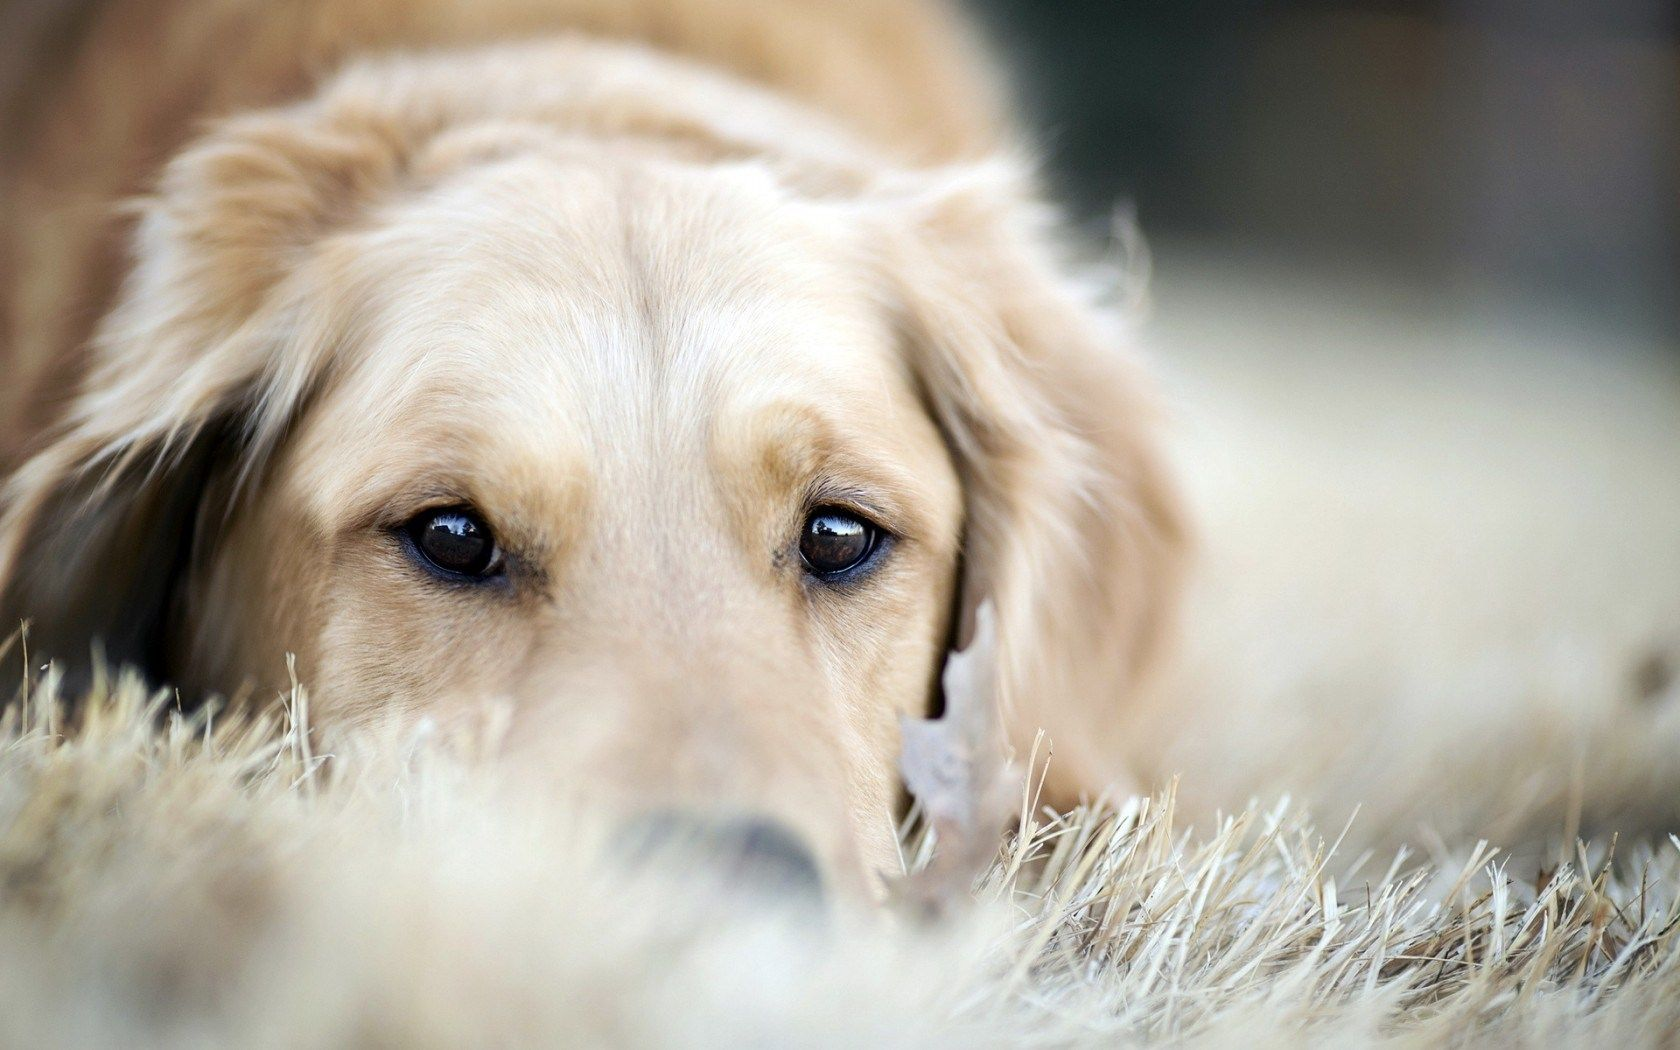 1680x1050 Dog - Hình ảnh - Hình nền - Ảnh.  Những người yêu chó.  Chó